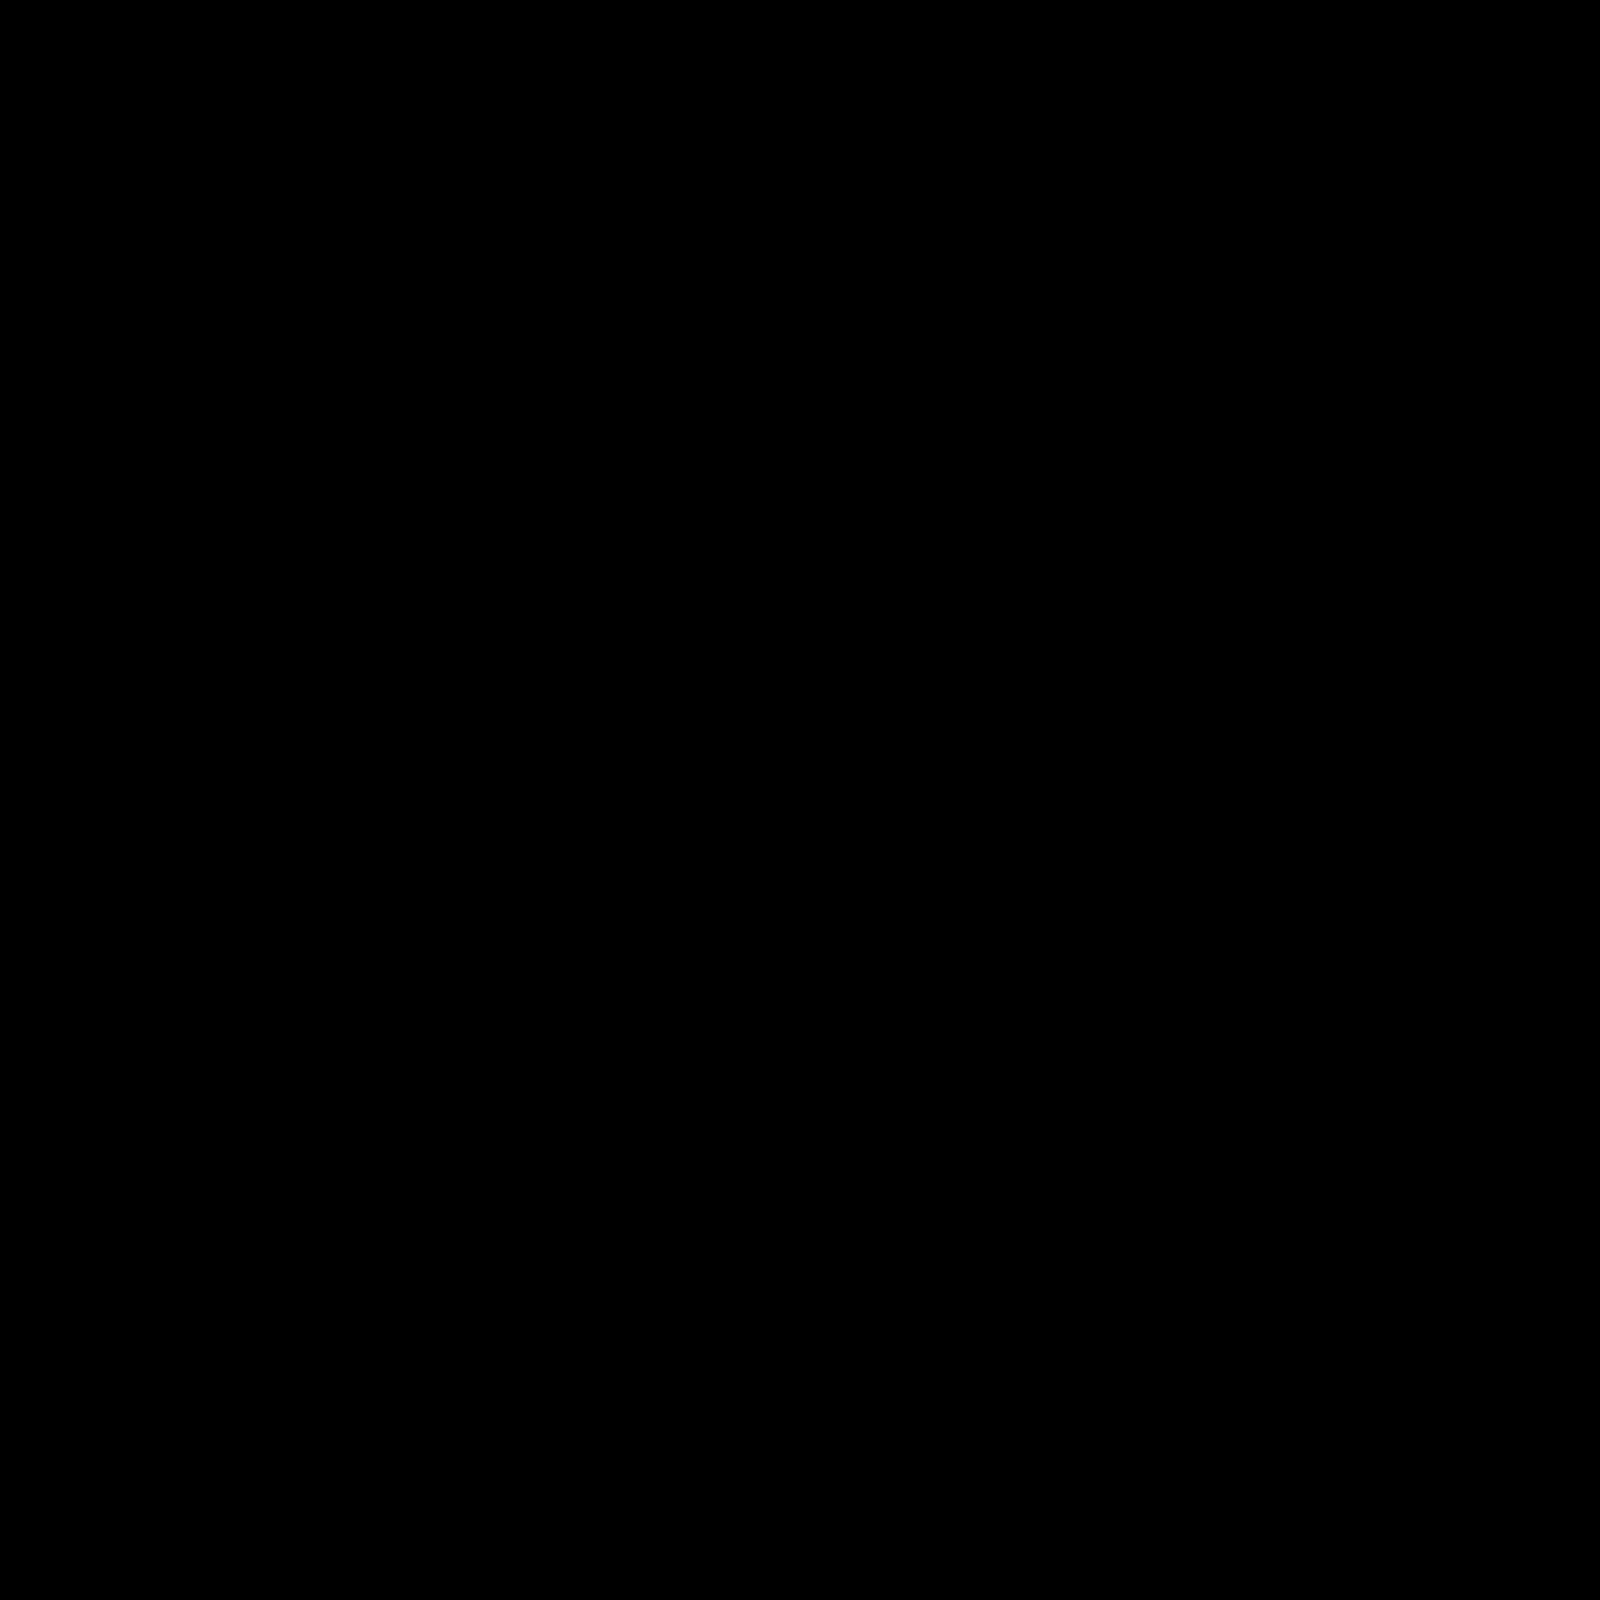 Sensor Icon Png #417251.